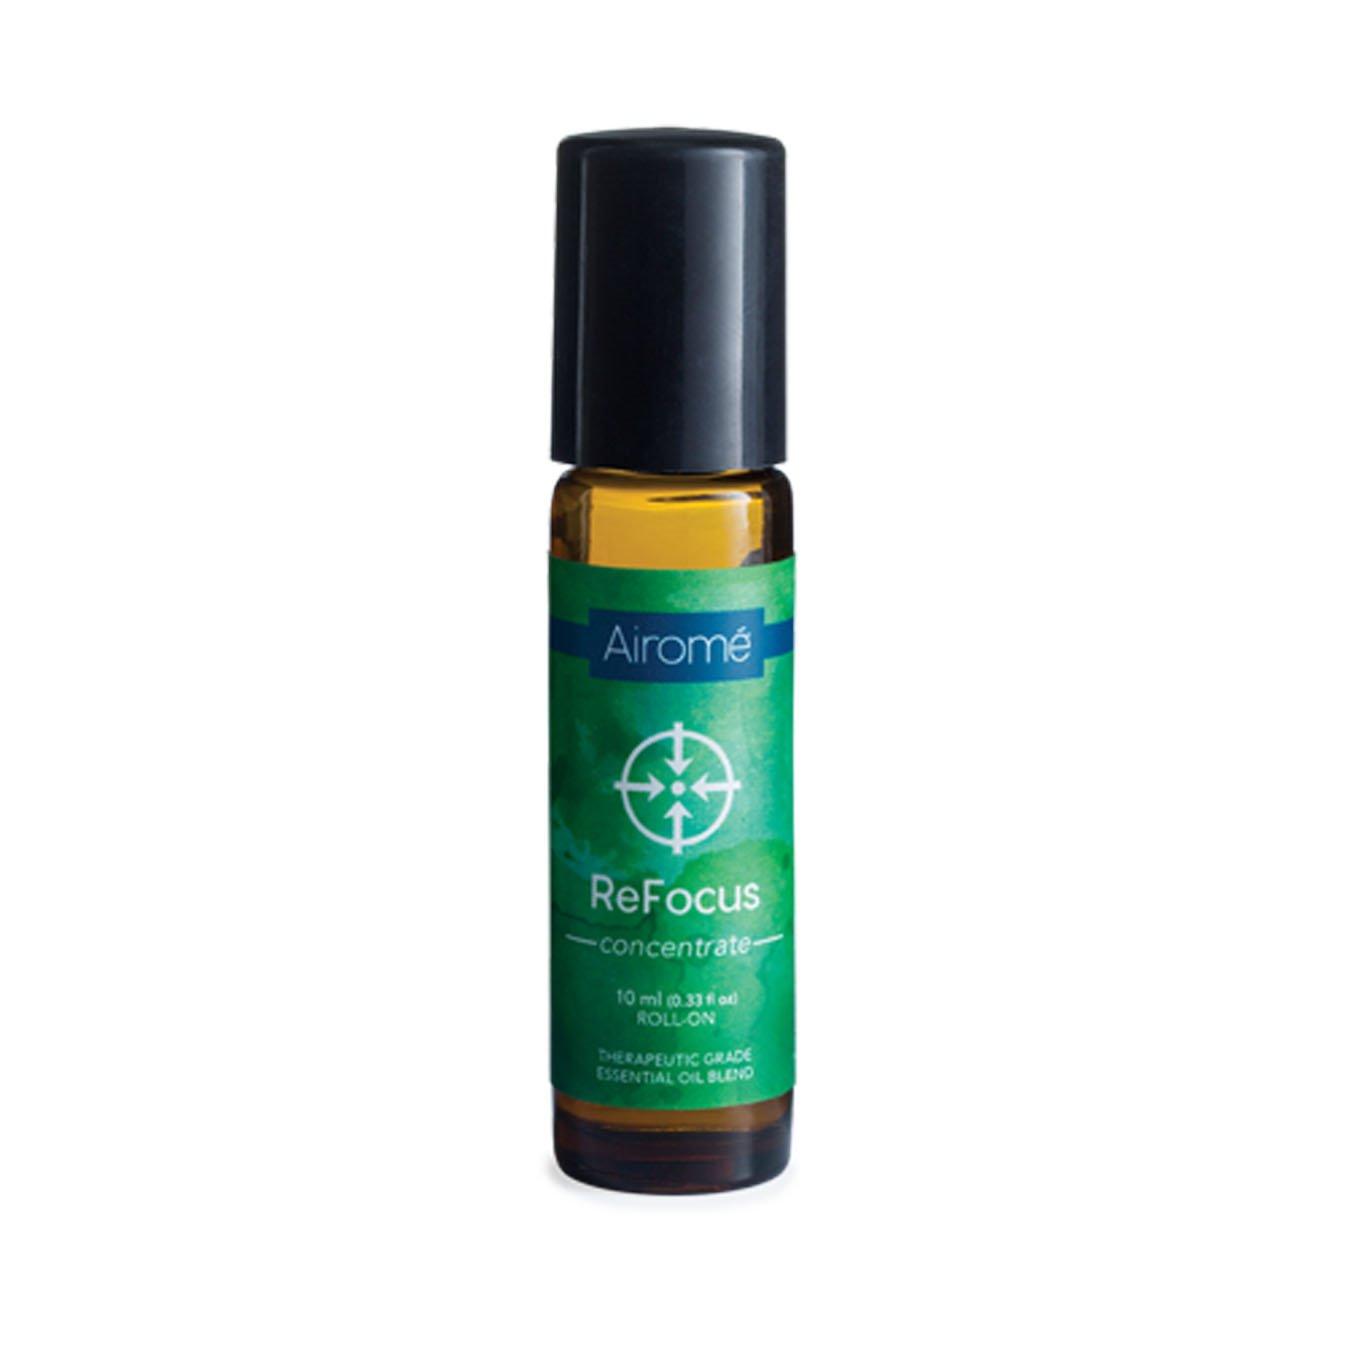 Airomé Refocus Roll-On Essential Oil